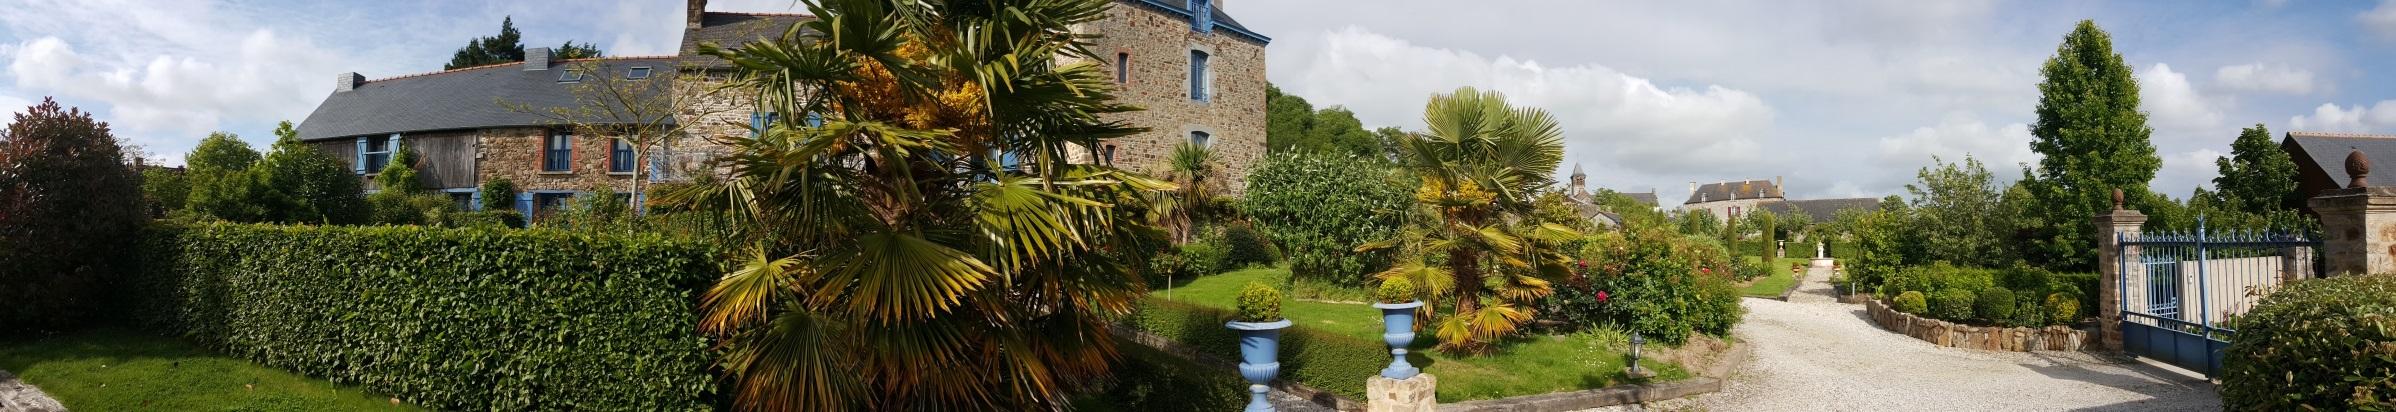 Maisons et chambres d'hôtes de charme près de Saint-Malo en Baie du Mont Saint-Michel en Bretagne, France.